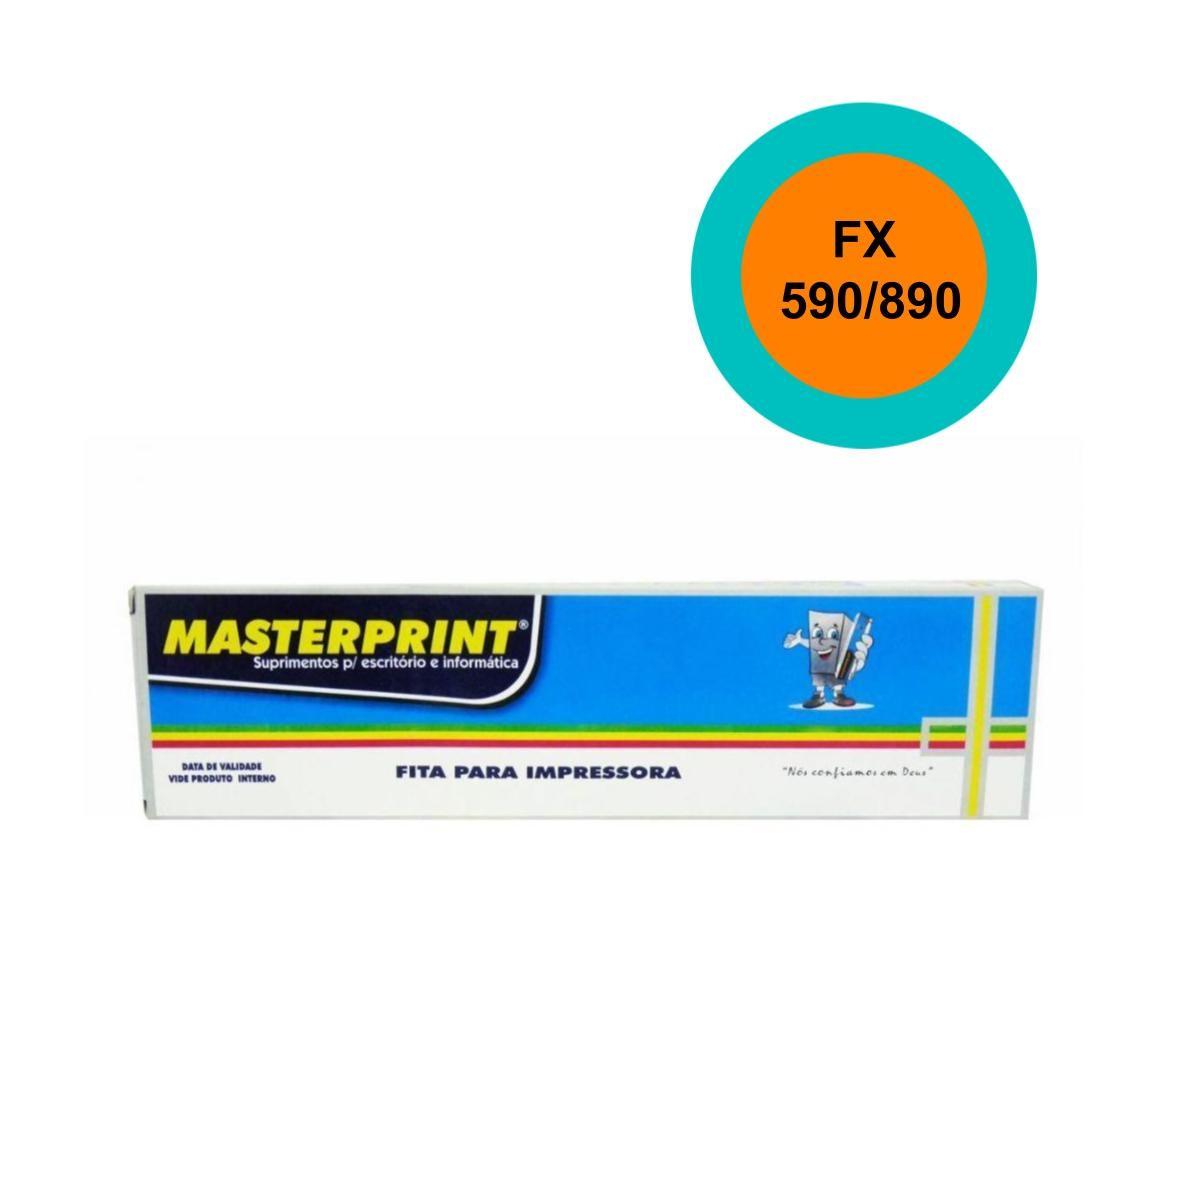 Fita Epson FX 590/890 Masterprint